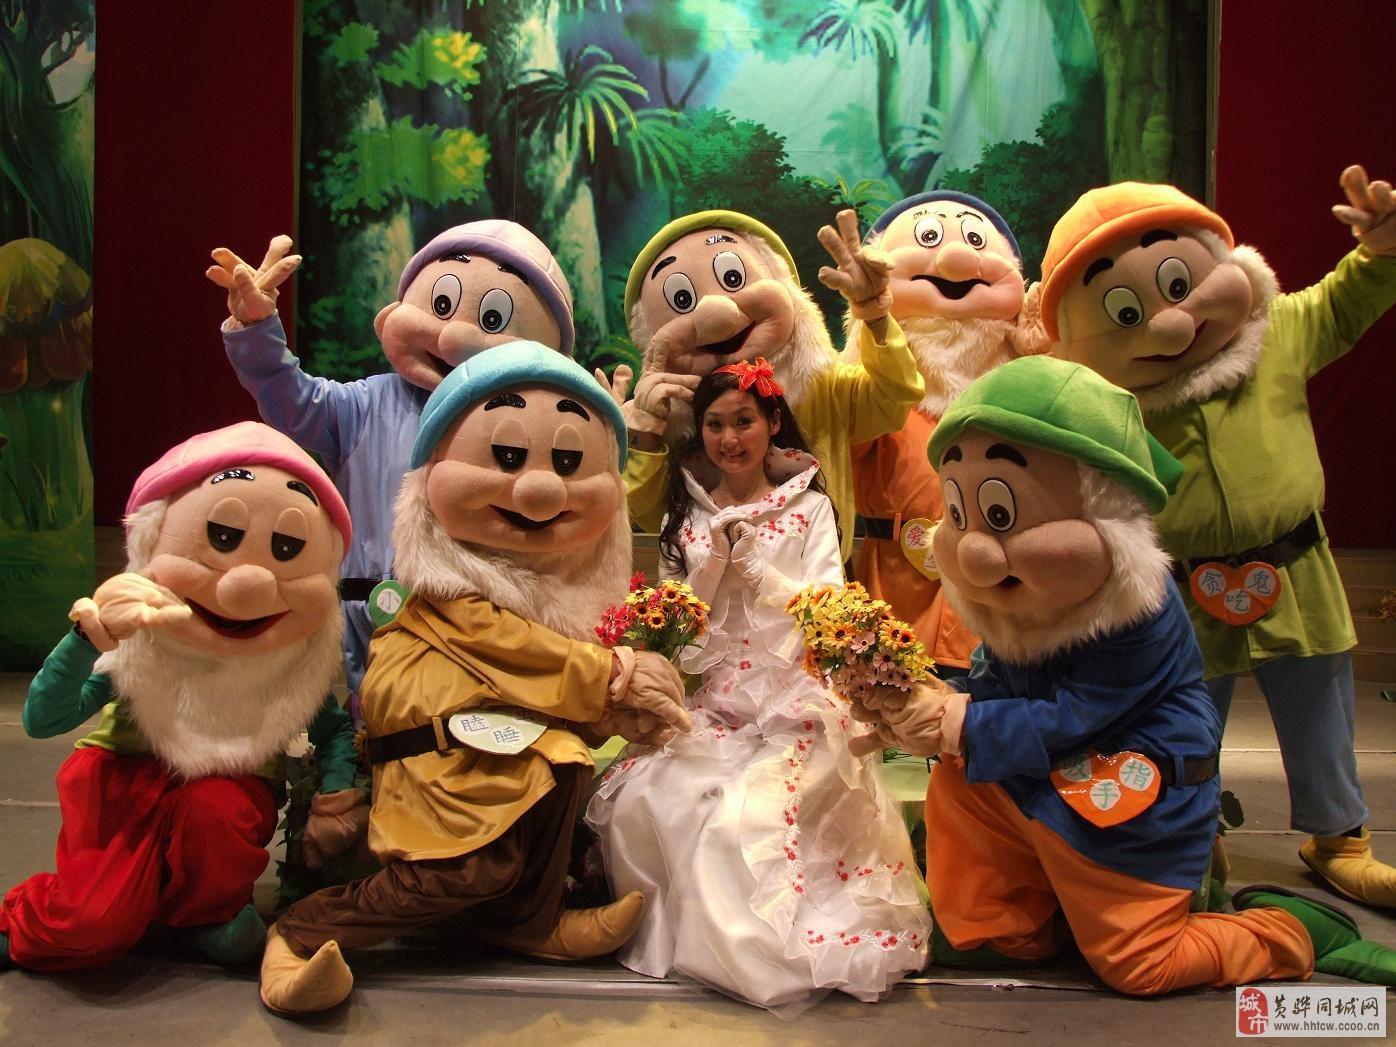 11月23日由北京卡兔儿童艺术剧团带来的《白雪公主与七个小矮人》大型真人卡通剧,将强势登陆沧州影剧院大舞台。七个小矮人性格各异,笑态百出,当然也发生了一些异常搞笑和不可思议的事情,那么,他们与世界上最美丽的白雪公主这次又会发生什么样离奇的故事呢?王子这次又去哪里了呢?坏王后又会使出什么样的怪魔法呢?种种的猜想,就让爸爸妈妈们带孩子们一起走进沧州影剧院去揭晓谜底,探个究竟吧。演出中,炫目的灯光,精湛的表演,精美的舞台布景,再加上新编的剧情与跌宕起伏的故事情节,加上演出过程中演员们会时不时的与小朋友们进行互动